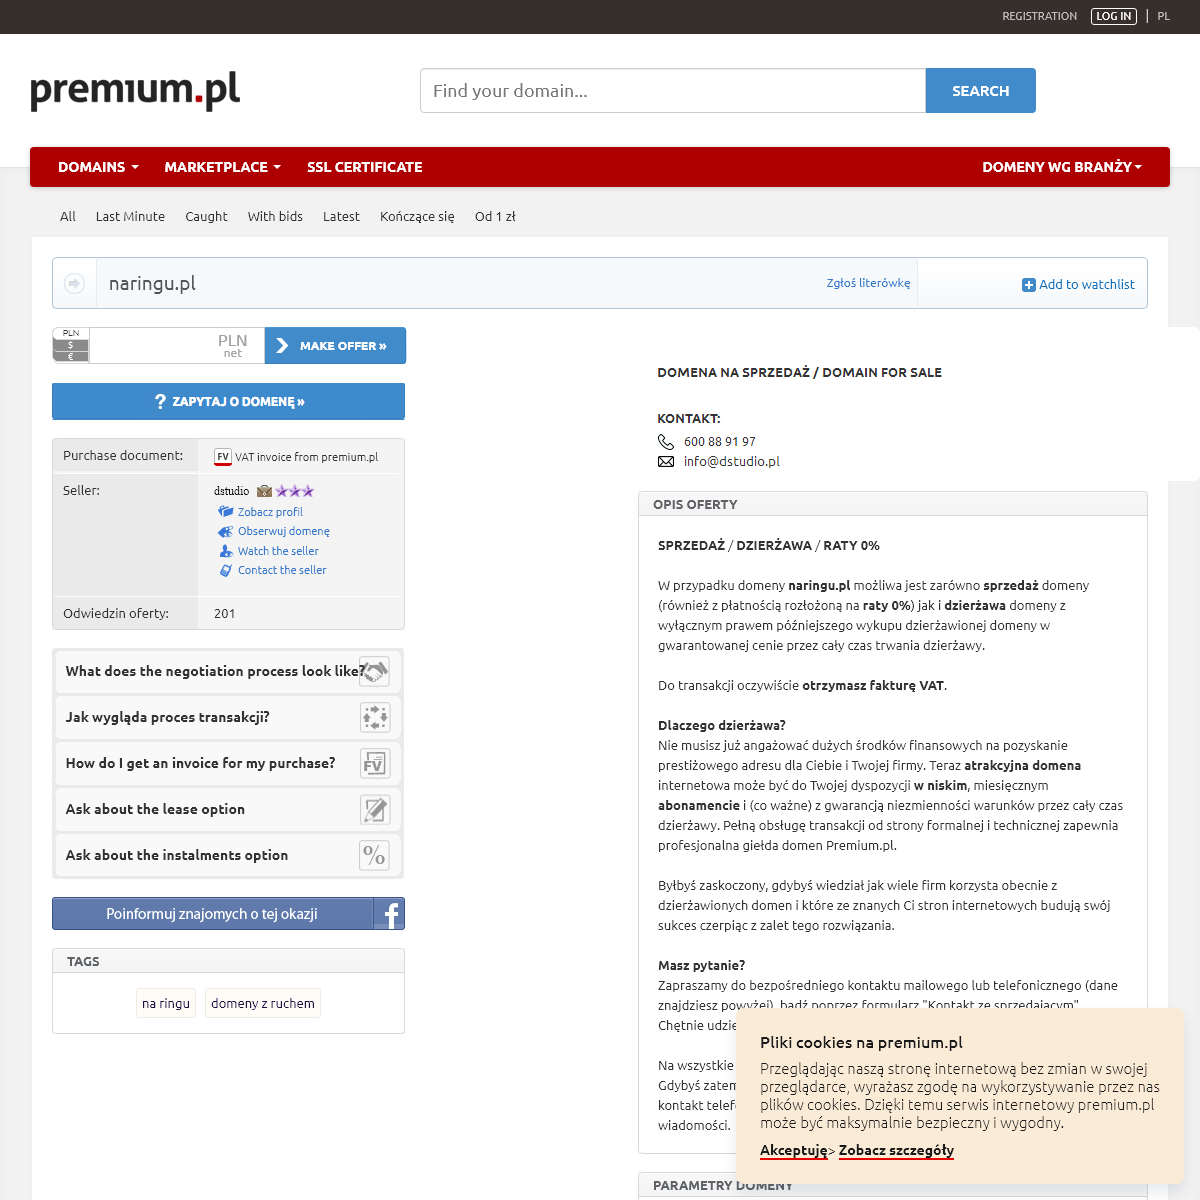 Oferta sprzedaży domeny naringu.pl (na ringu)